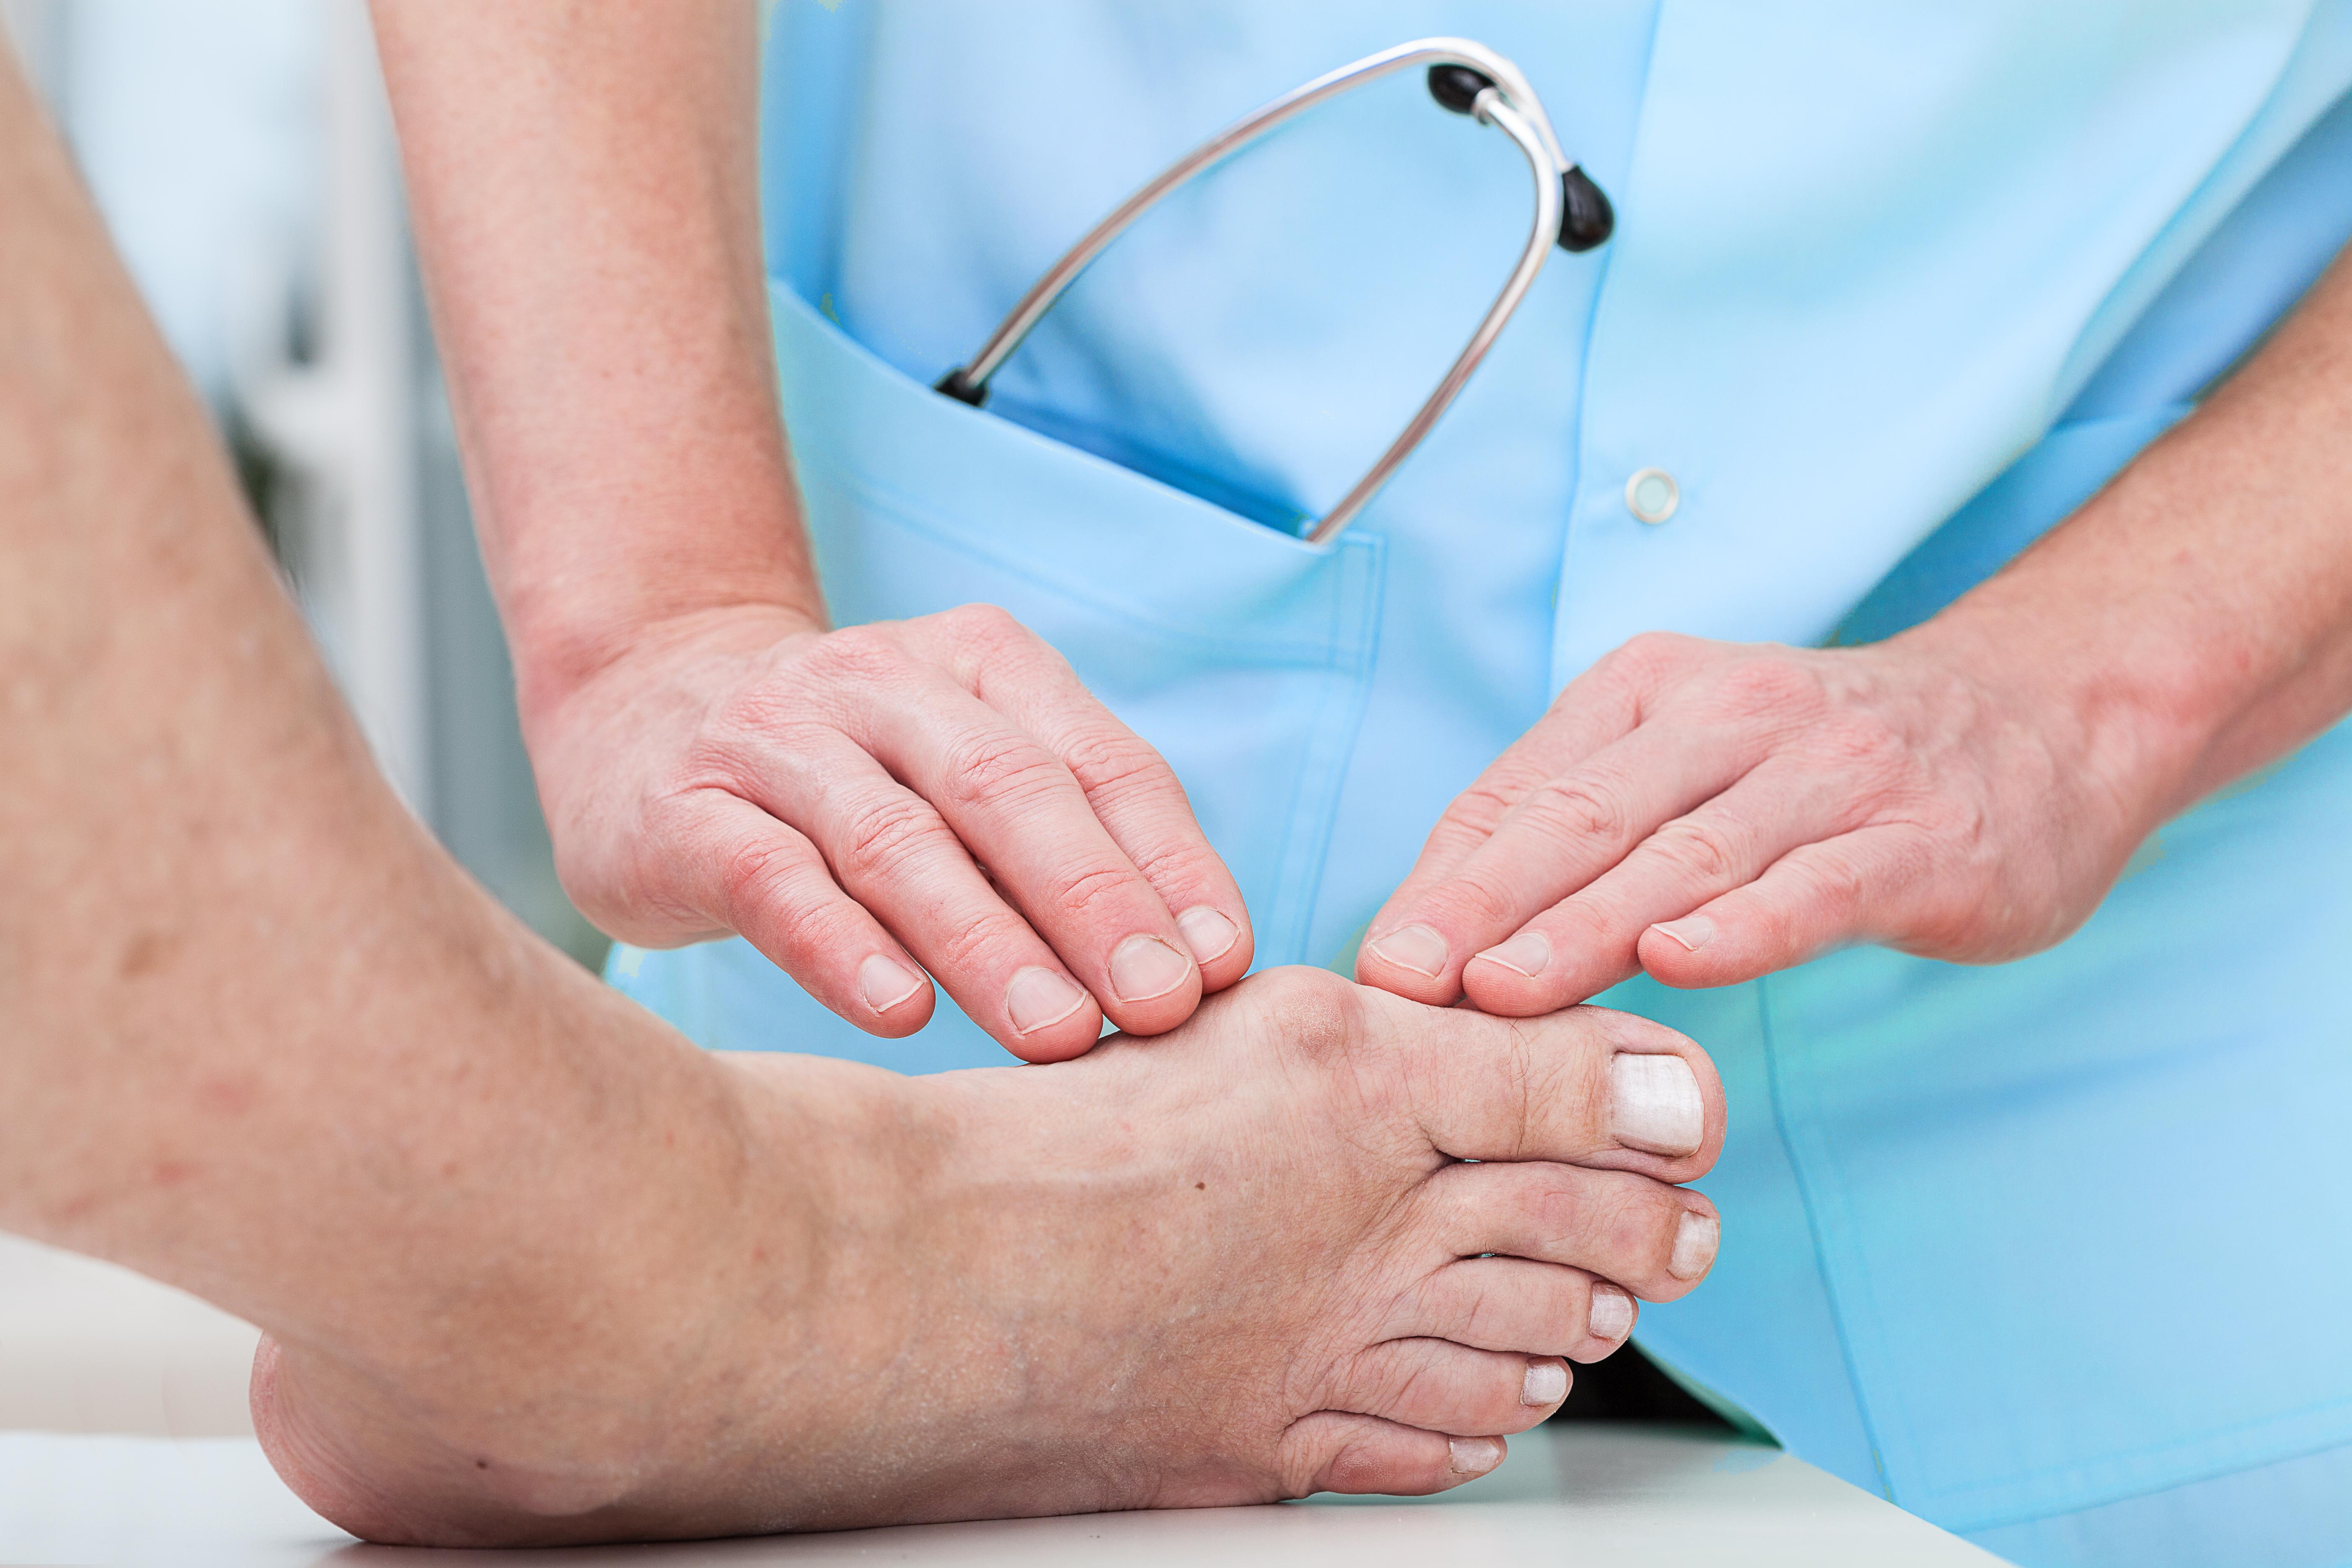 Du som lever med diabetes har rätt till att få dina fötter undersökta en gång per år i vården - prata med din vårdcentral.